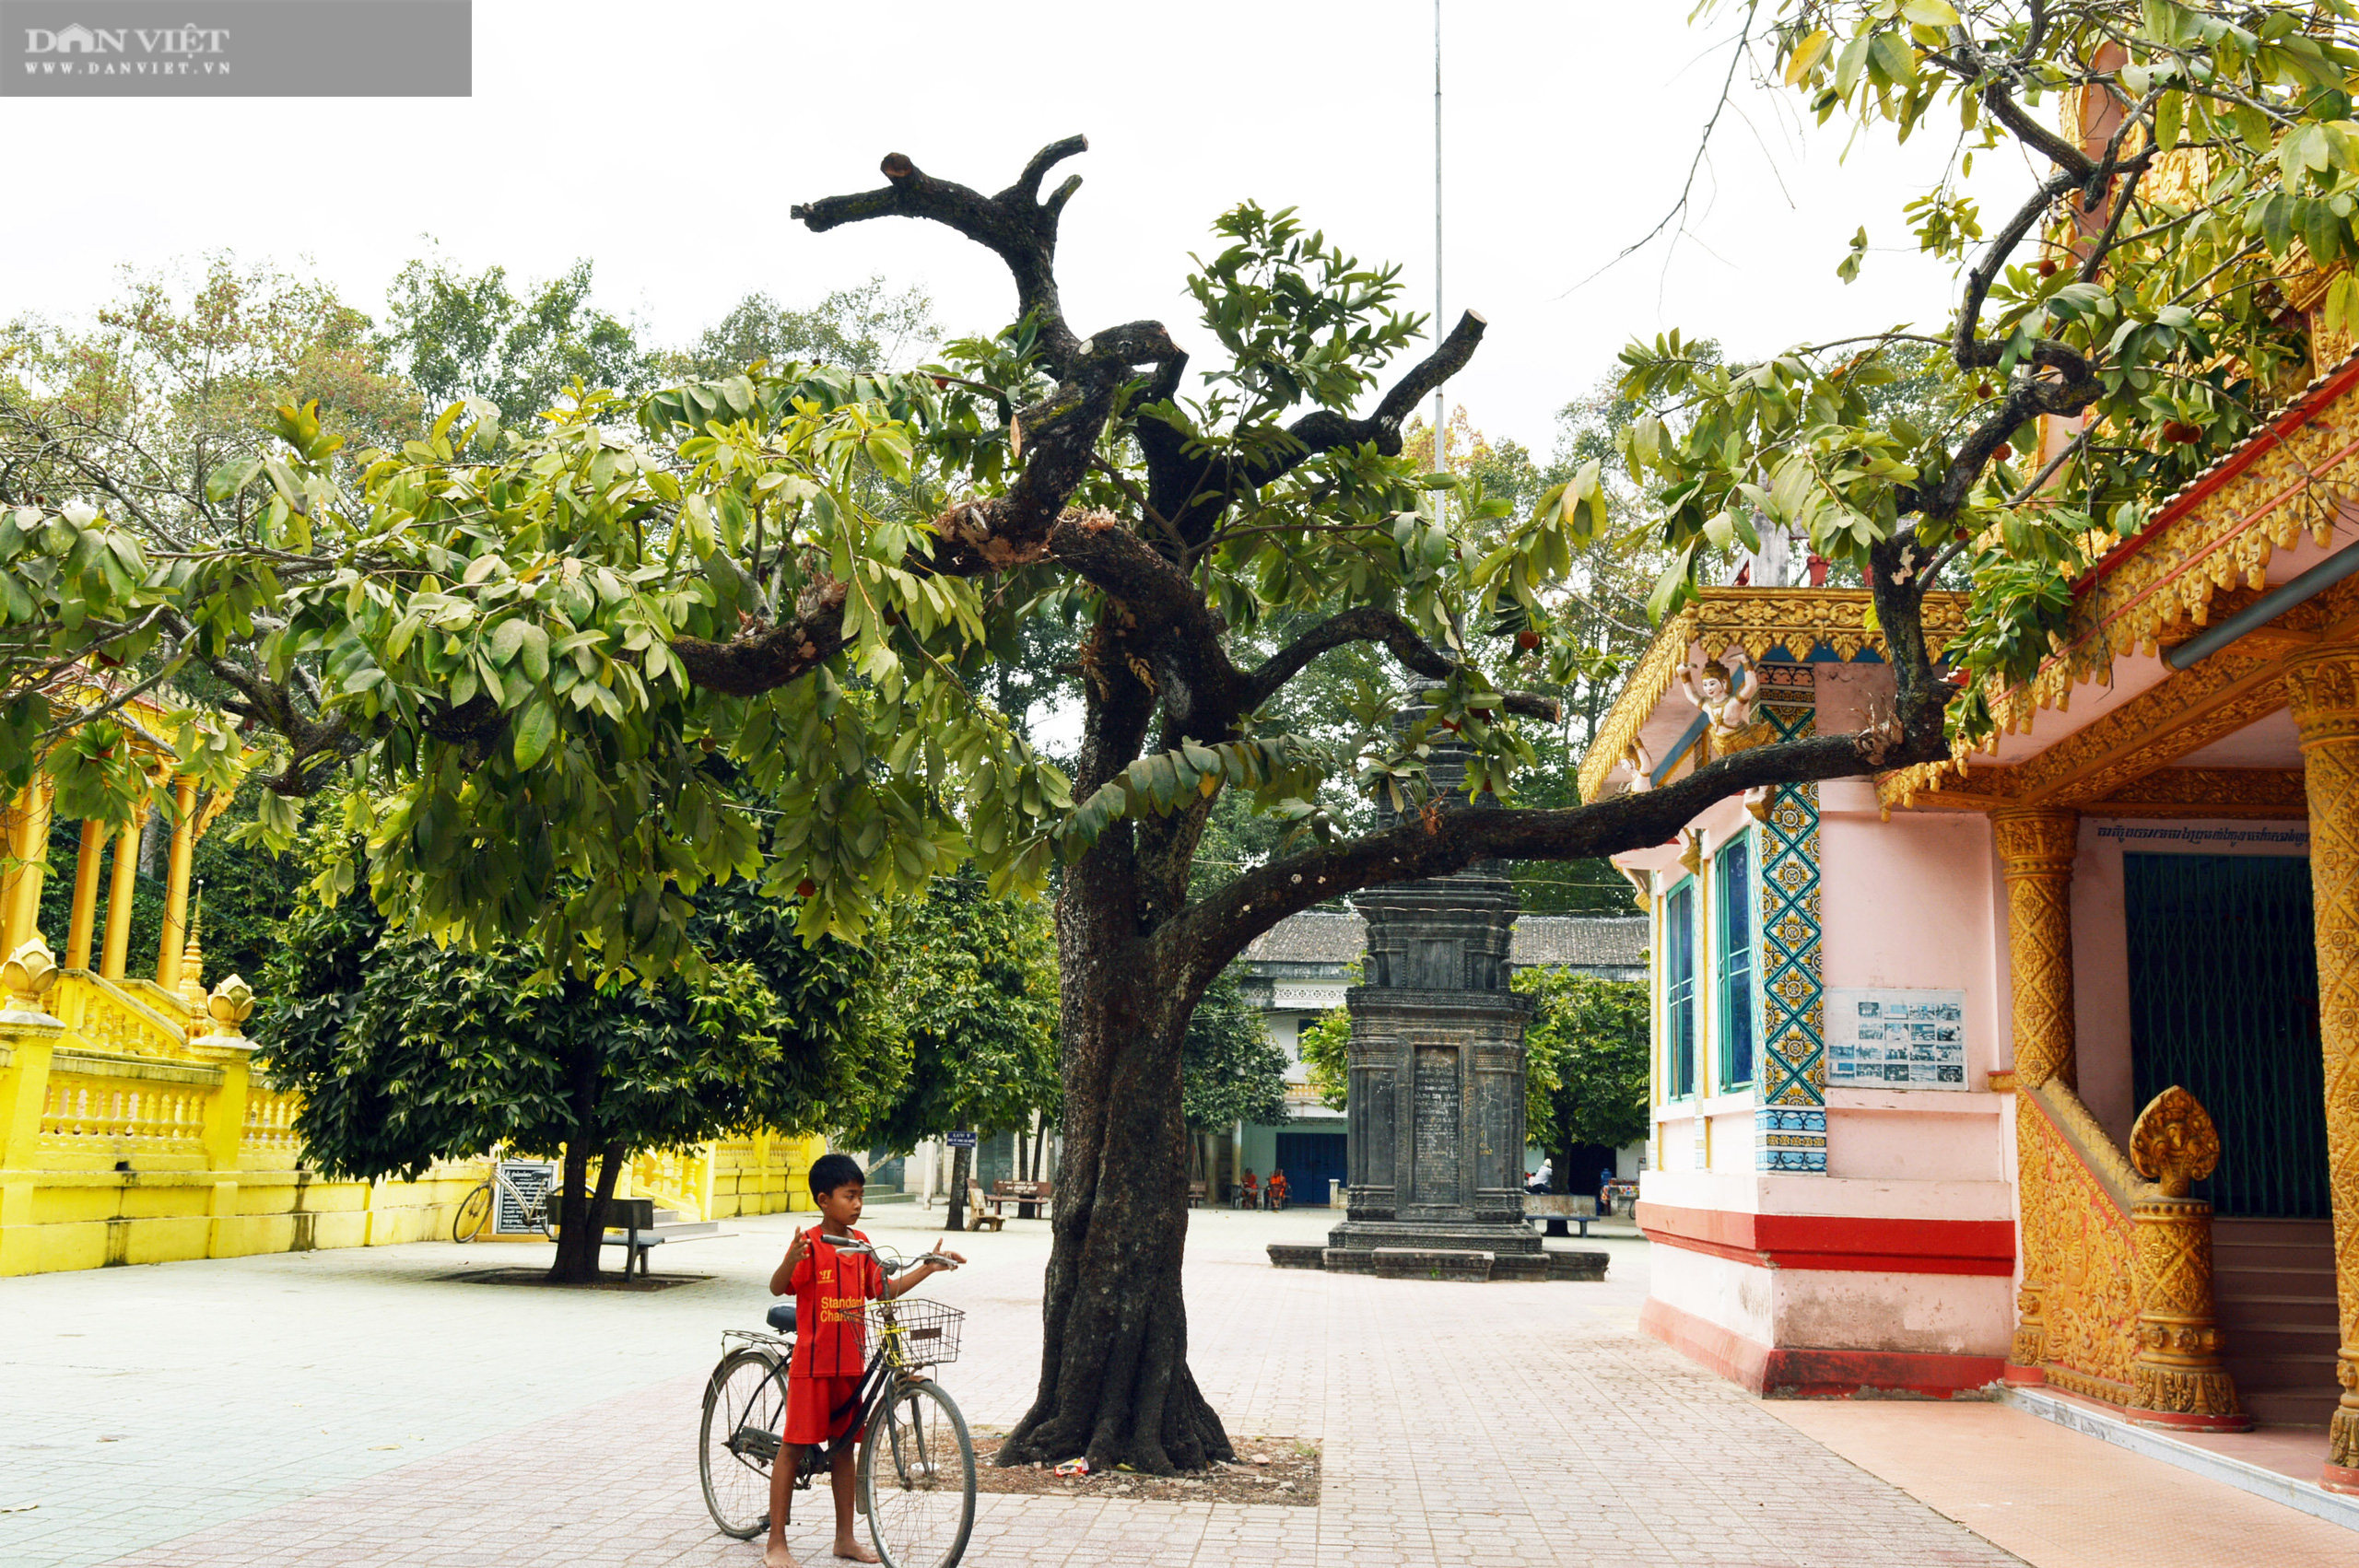 Sóc Trăng: Huyền bí ngôi chùa Khmer hơn 500 tuổi  - Ảnh 6.